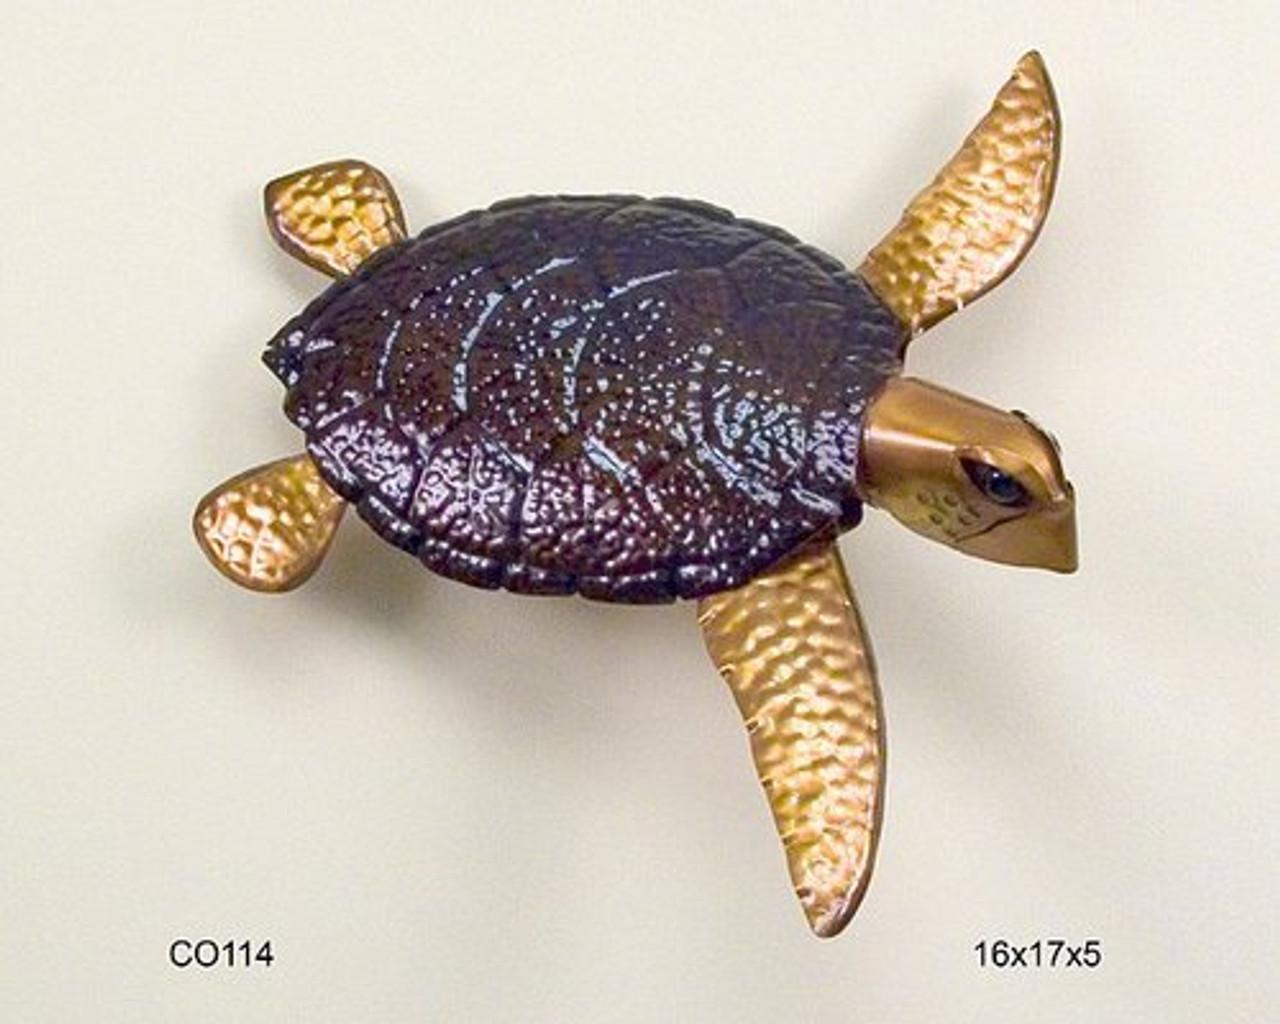 Looe Key Sea Turtle Copper Wall Sculpture